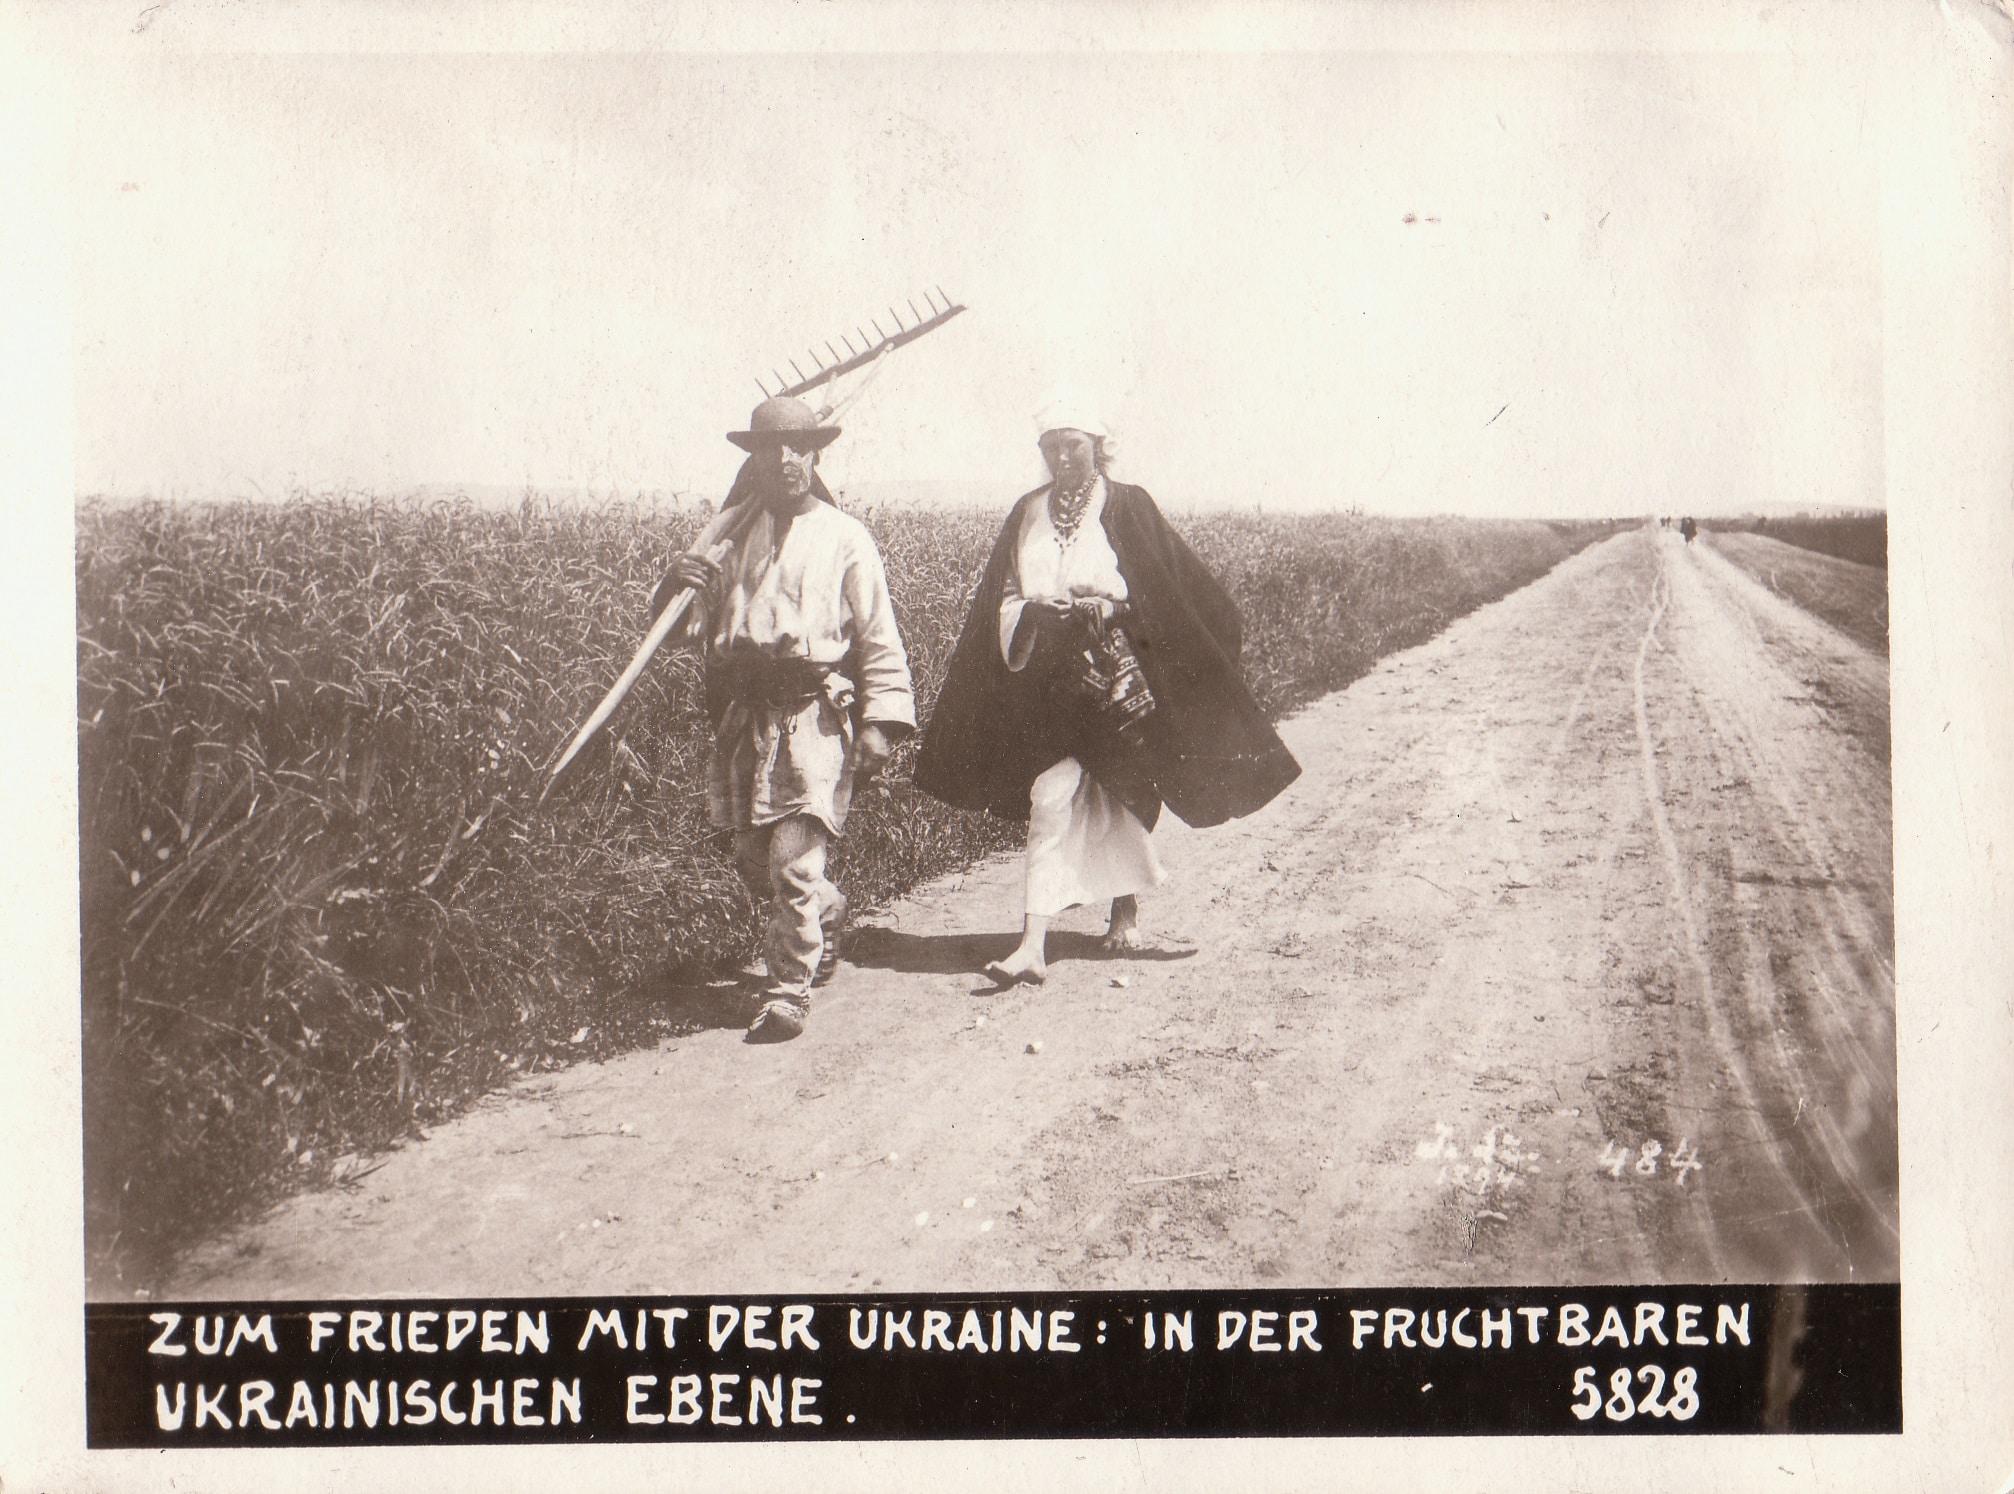 """Die historische Fotografie zeigt einen breiten Feldweg mit Ackerflächen links und rechts. Im Vordergrund gehen zwei Personen – eine Frau und ein Mann, der ein landwirtschaftliches Gerät trägt. Unter der Fotografie sind auf einem schwarzen Balken in weißen Großbuchstaben die Bildunterschrift """"Zum Frieden mit der Ukraine: in der Fruchtbaren Ukrainischen Ebene."""" und die Nummer 5828 angefügt. Das Foto selbst ist ebenfalls mit einem weißen Stift mit 484 nummeriert."""